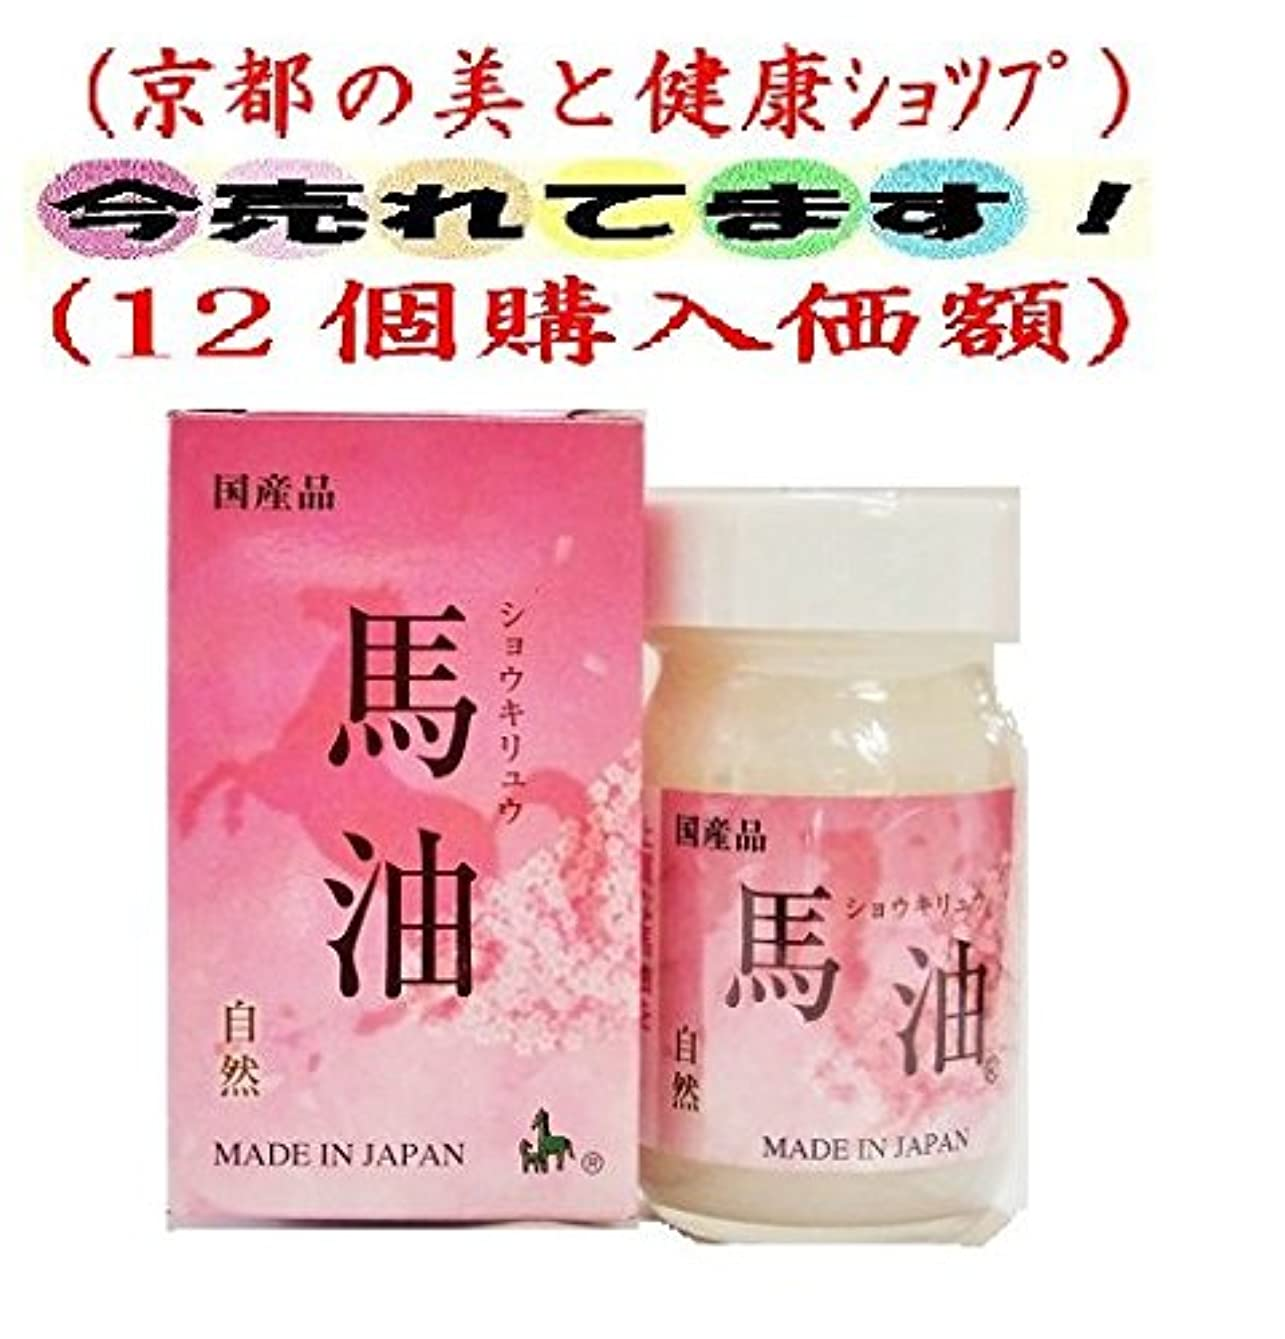 負酸改革ショウキリュウ 馬油 自然 70ml (桜 ピンク化粧箱 12個購入価額)